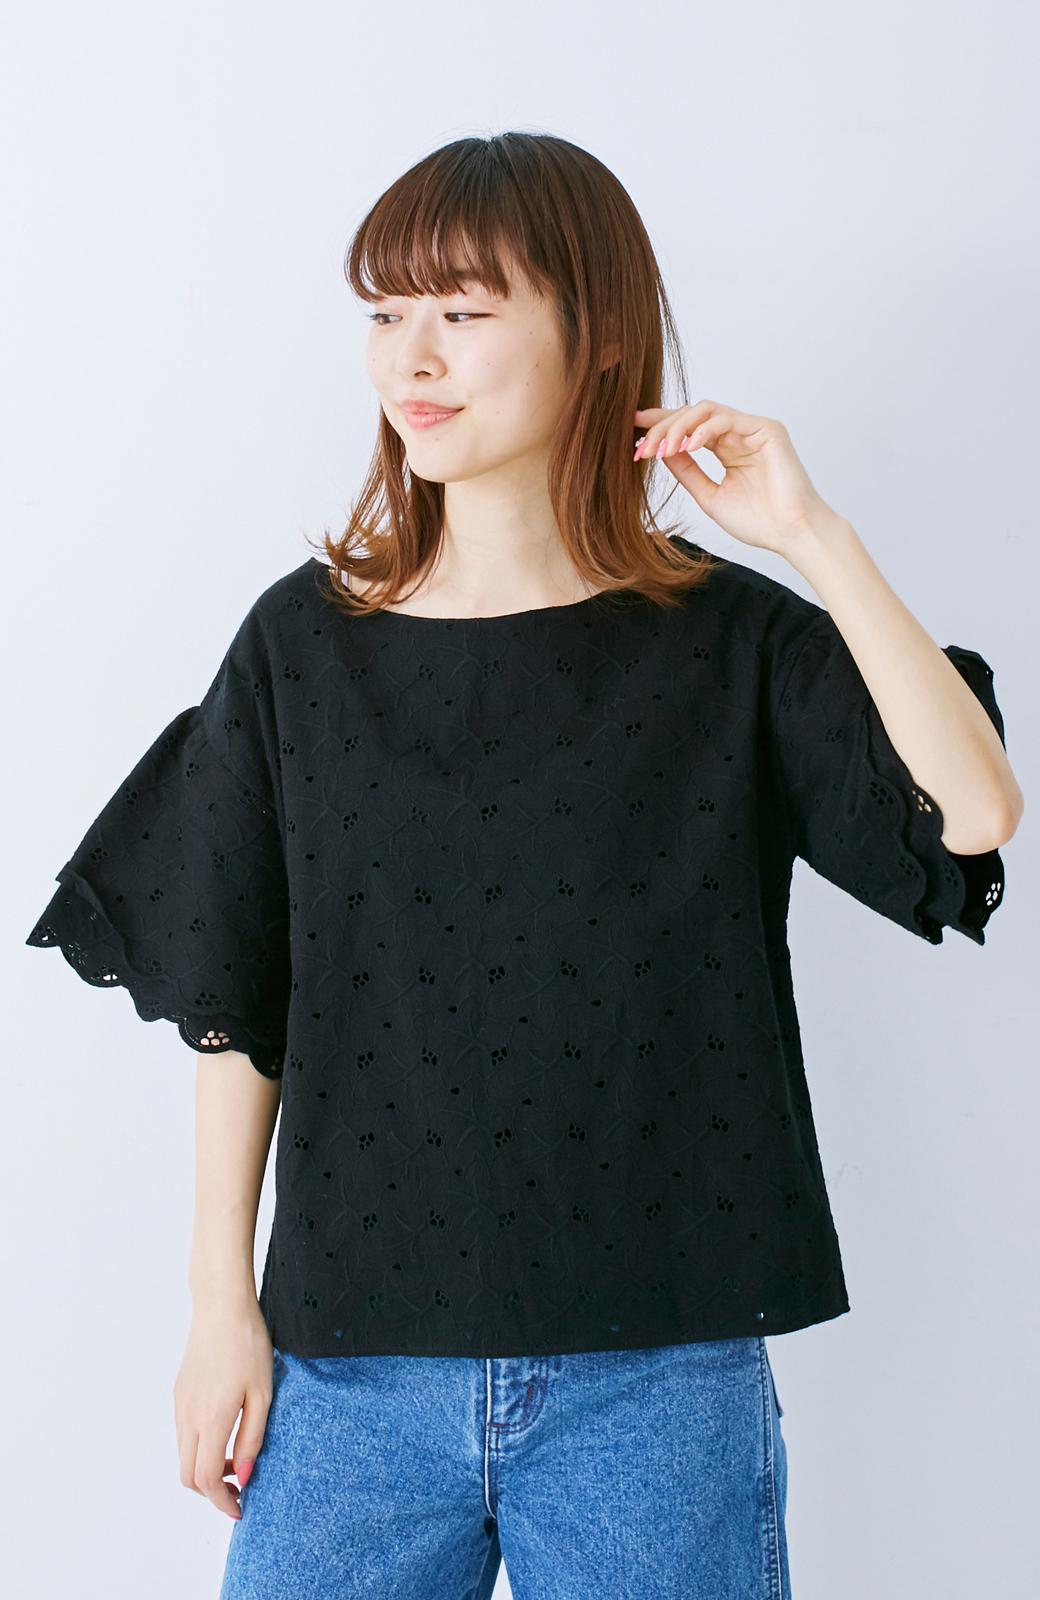 エムトロワ Tシャツ感覚で着られる フラワーレースのティアードスリーブトップス <ブラック>の商品写真6